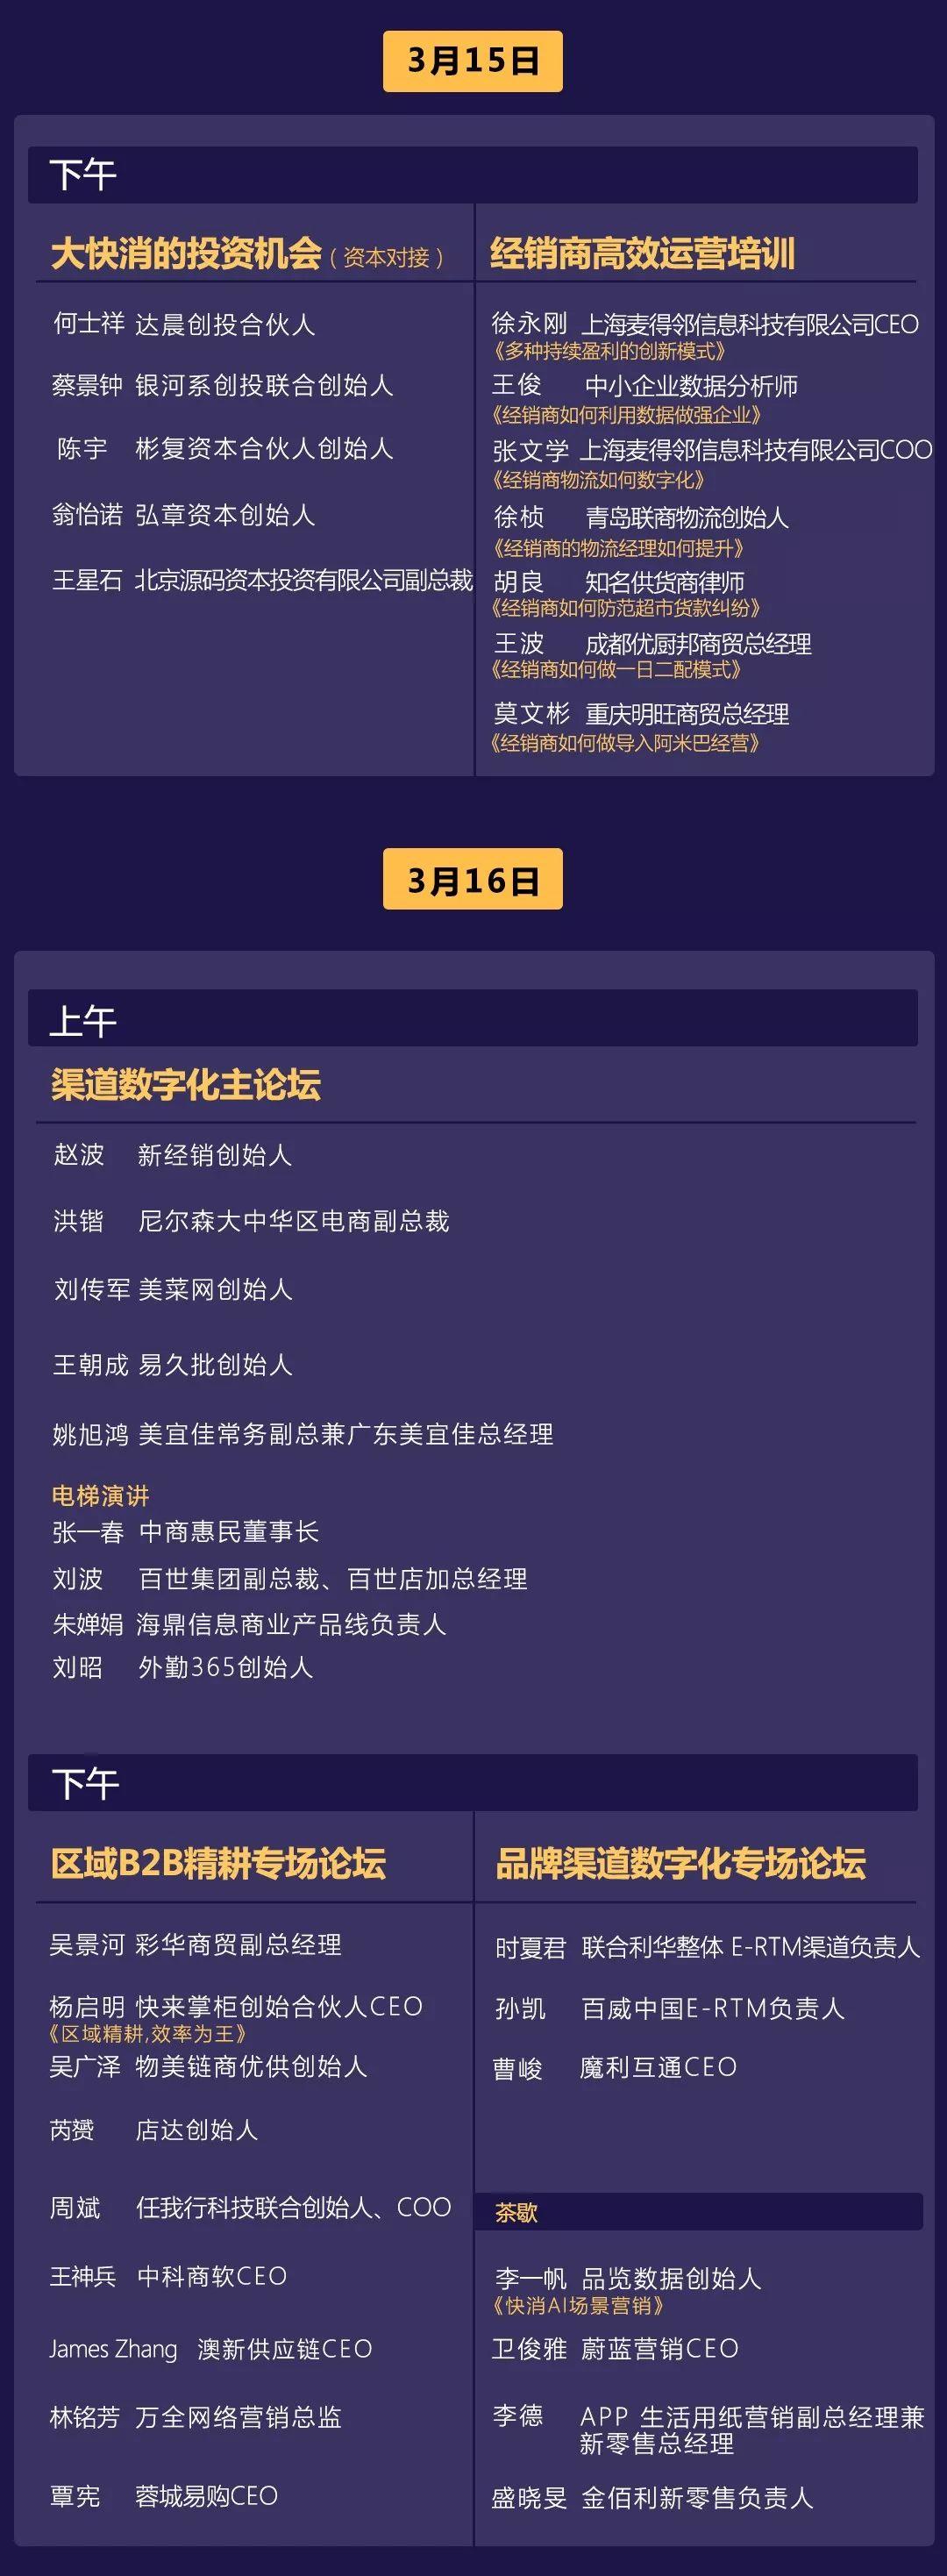 2019(第五届)快消品+互联网大会   成都